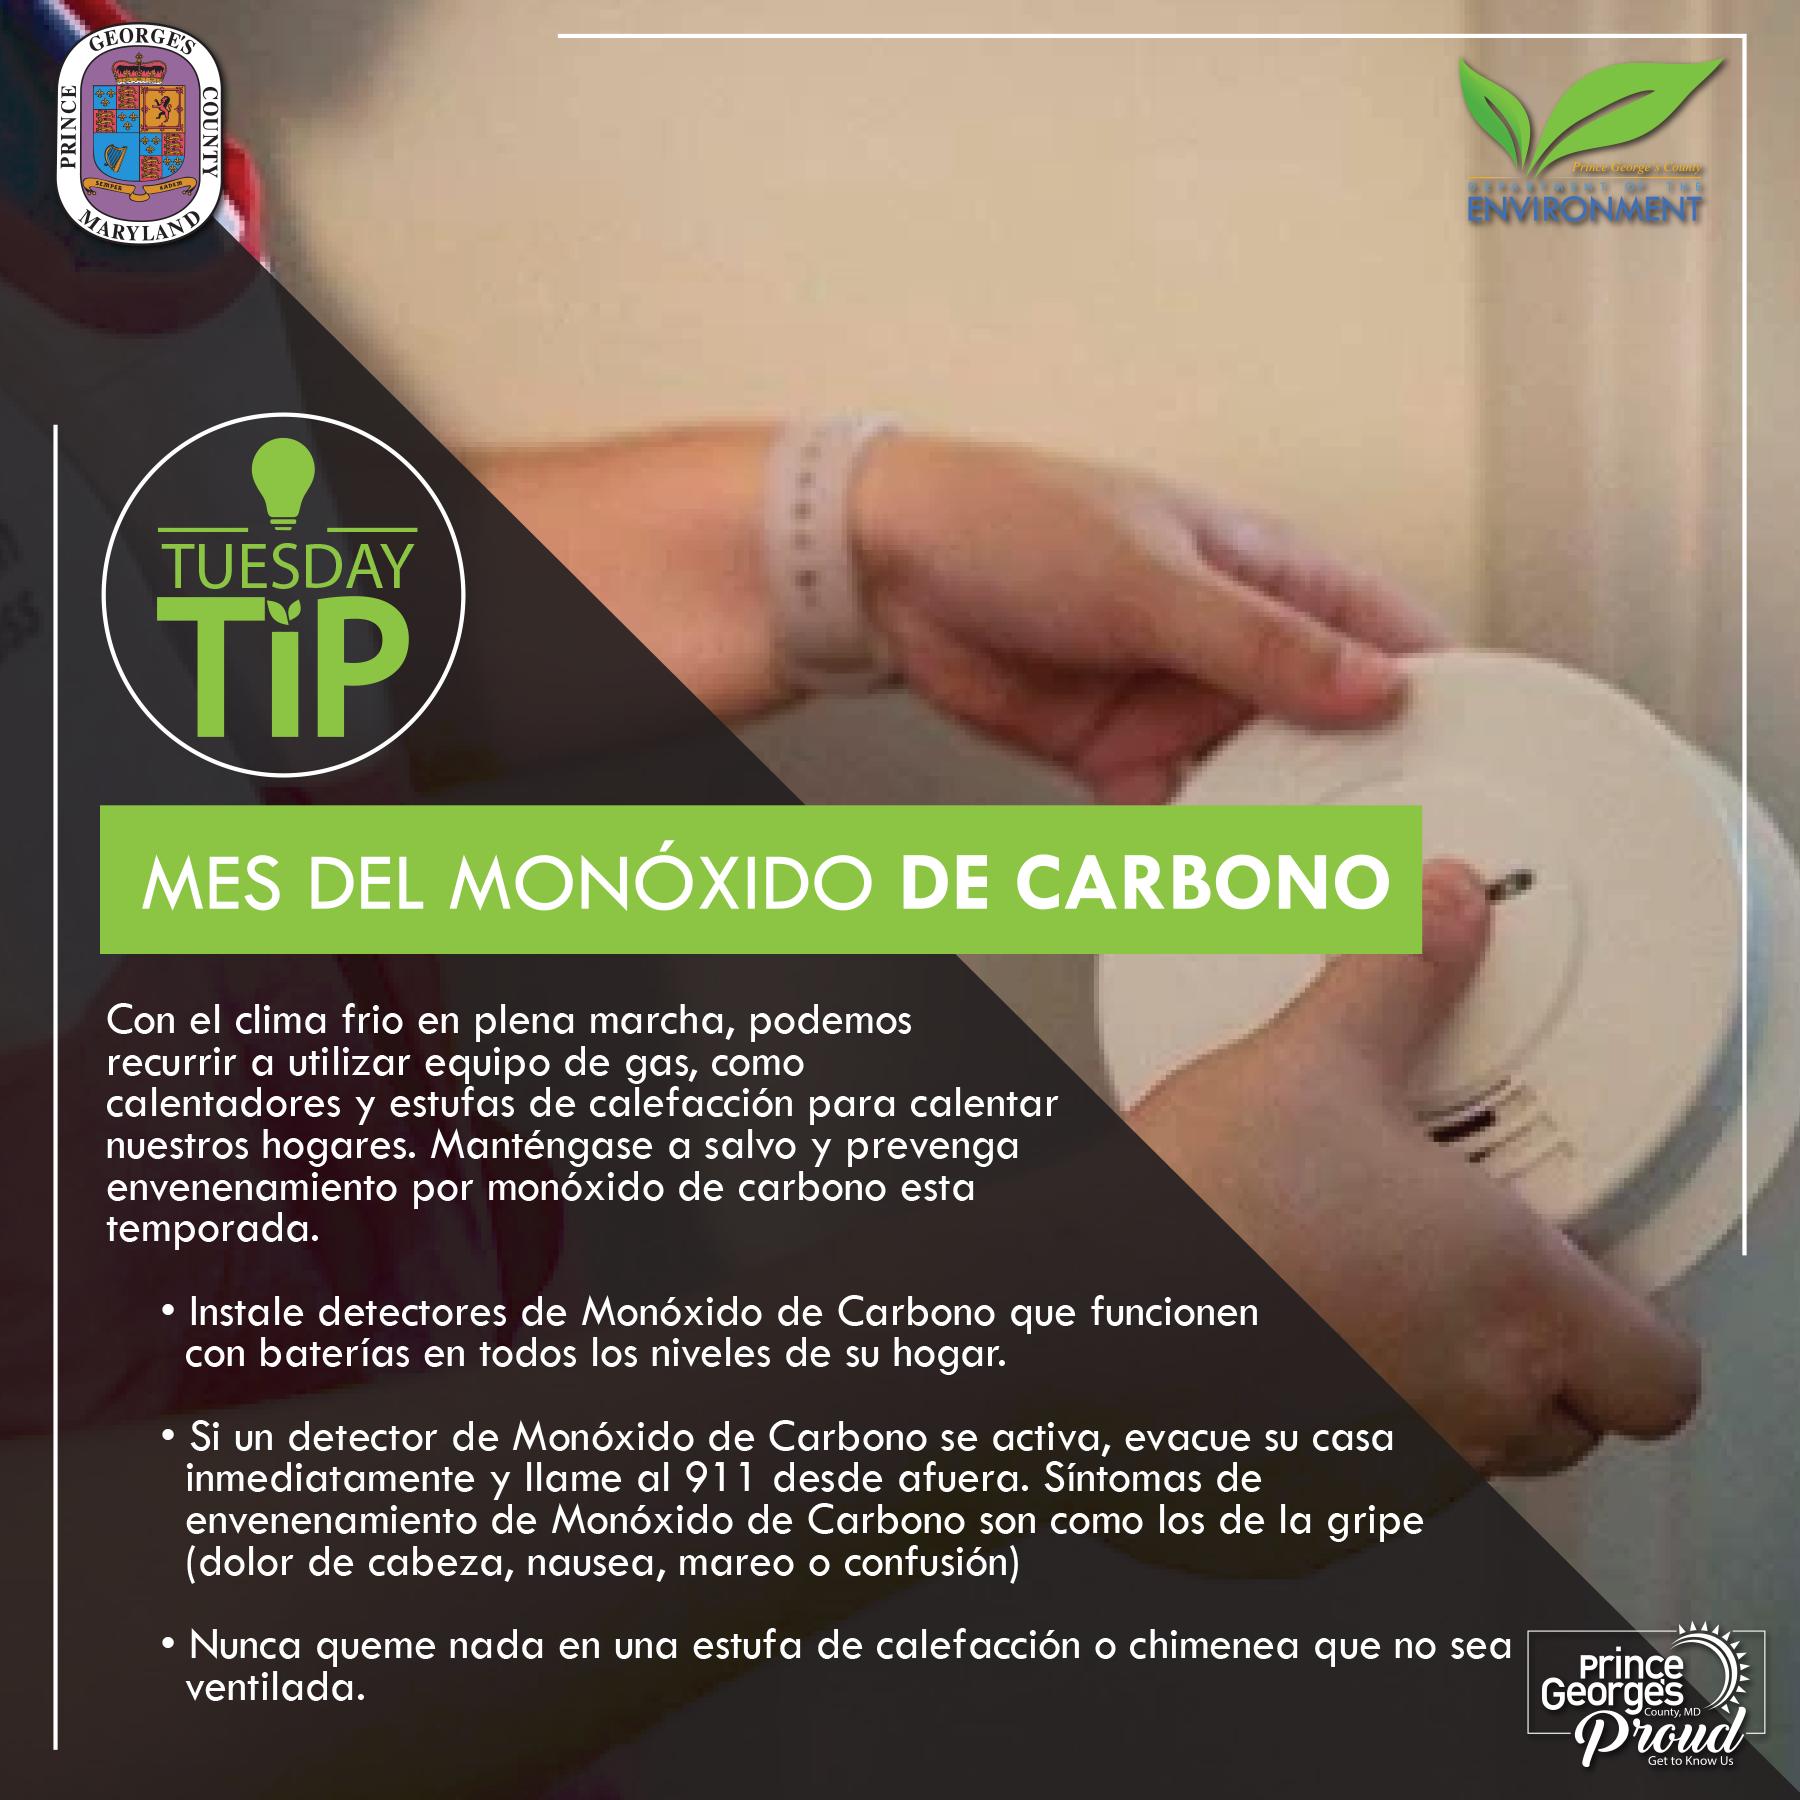 Tues tip 1.26.21 carbon monoxide sp